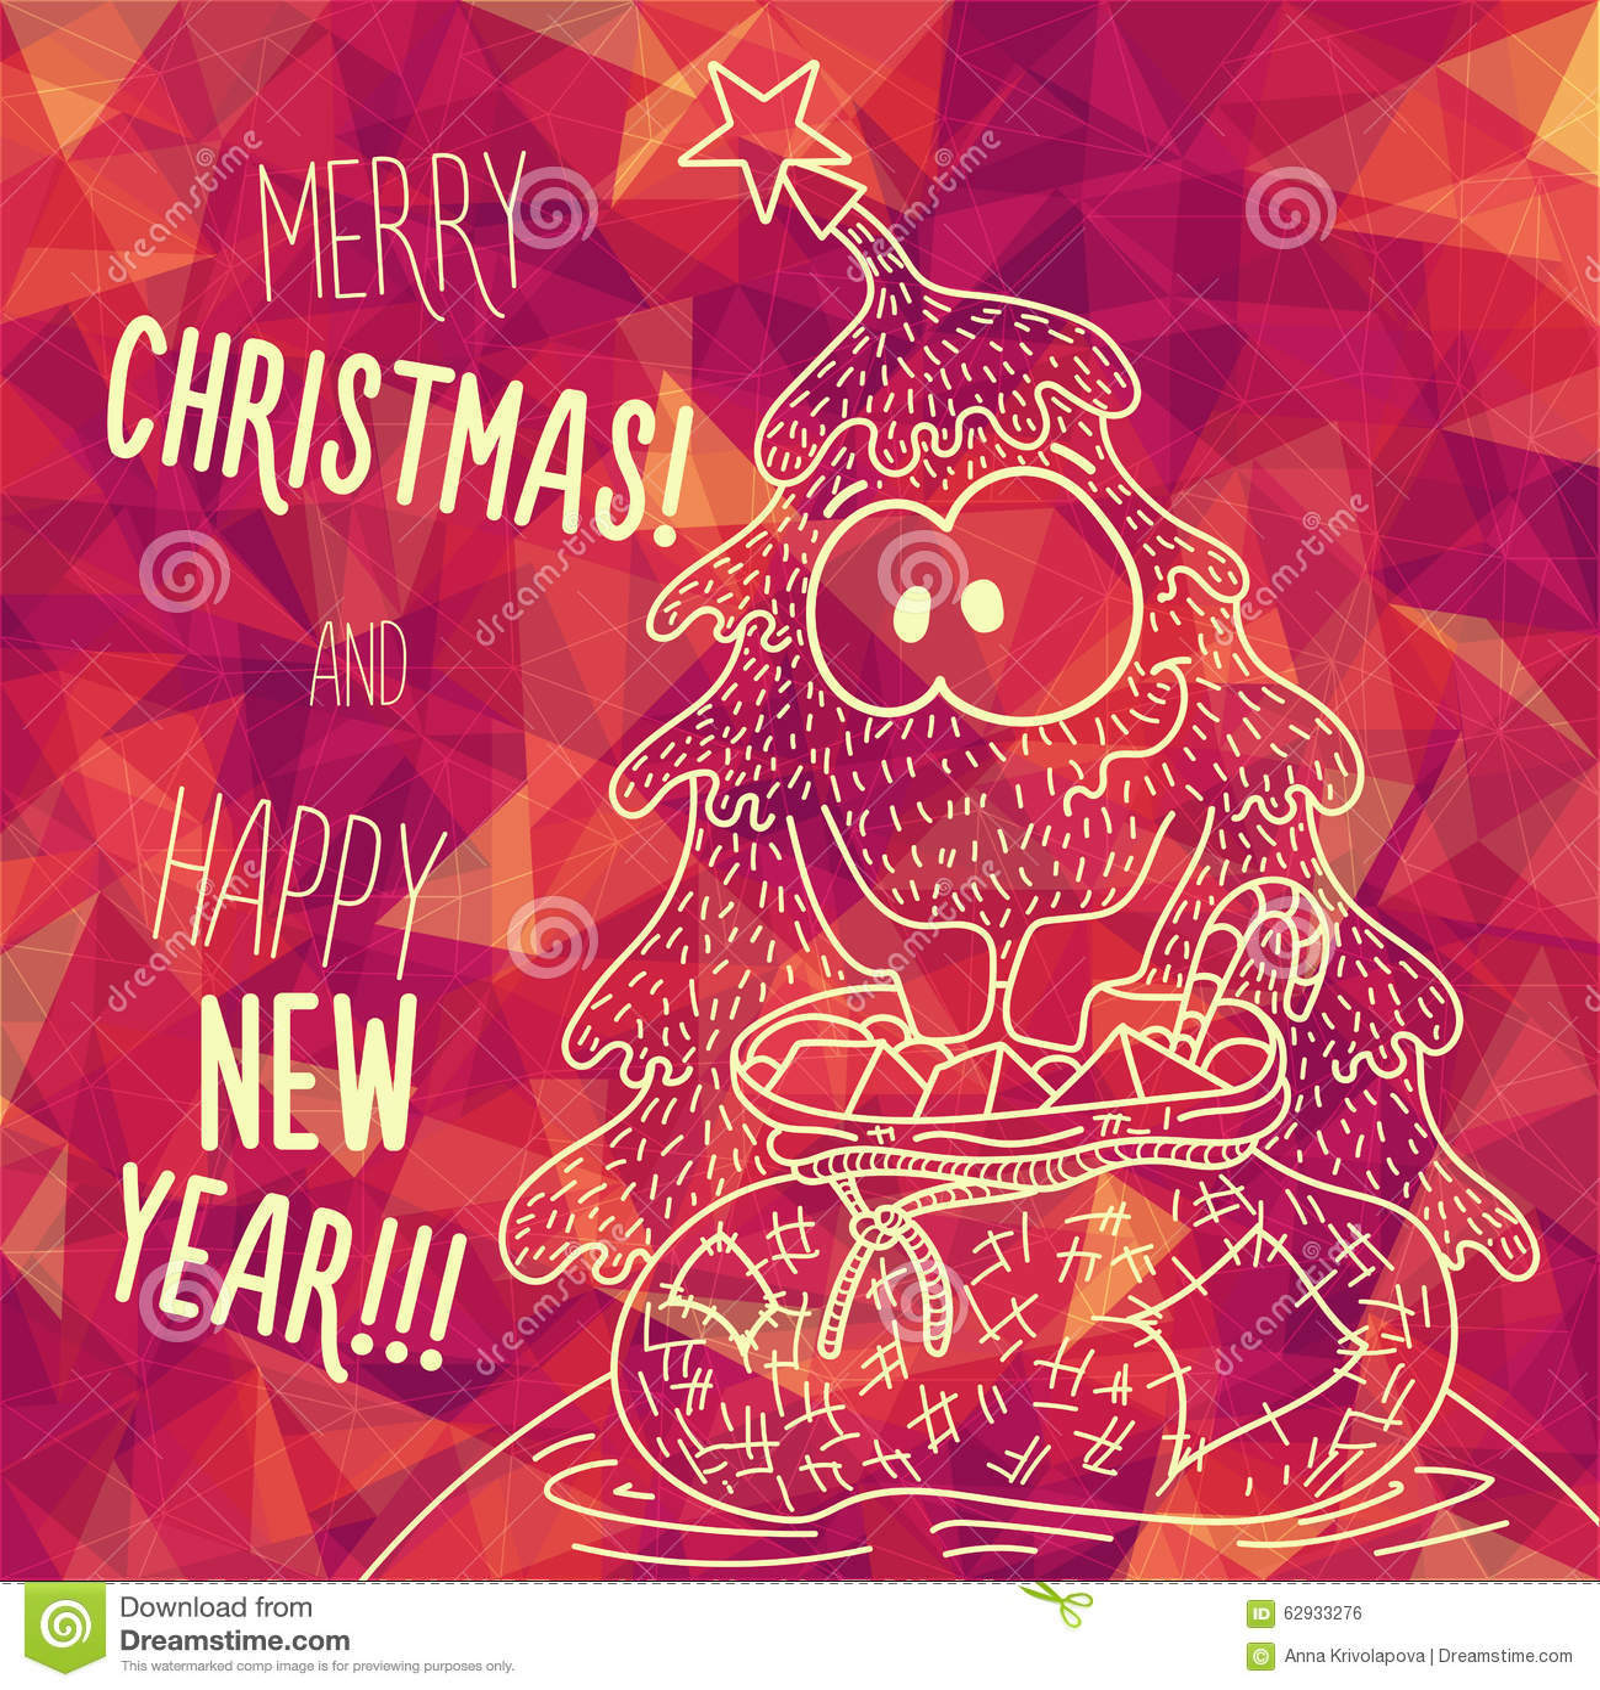 Grüße Frohe Weihnachten.Gruß Der Polygonalen Karte Frohe Weihnachten Und Neues Jahr Vektor